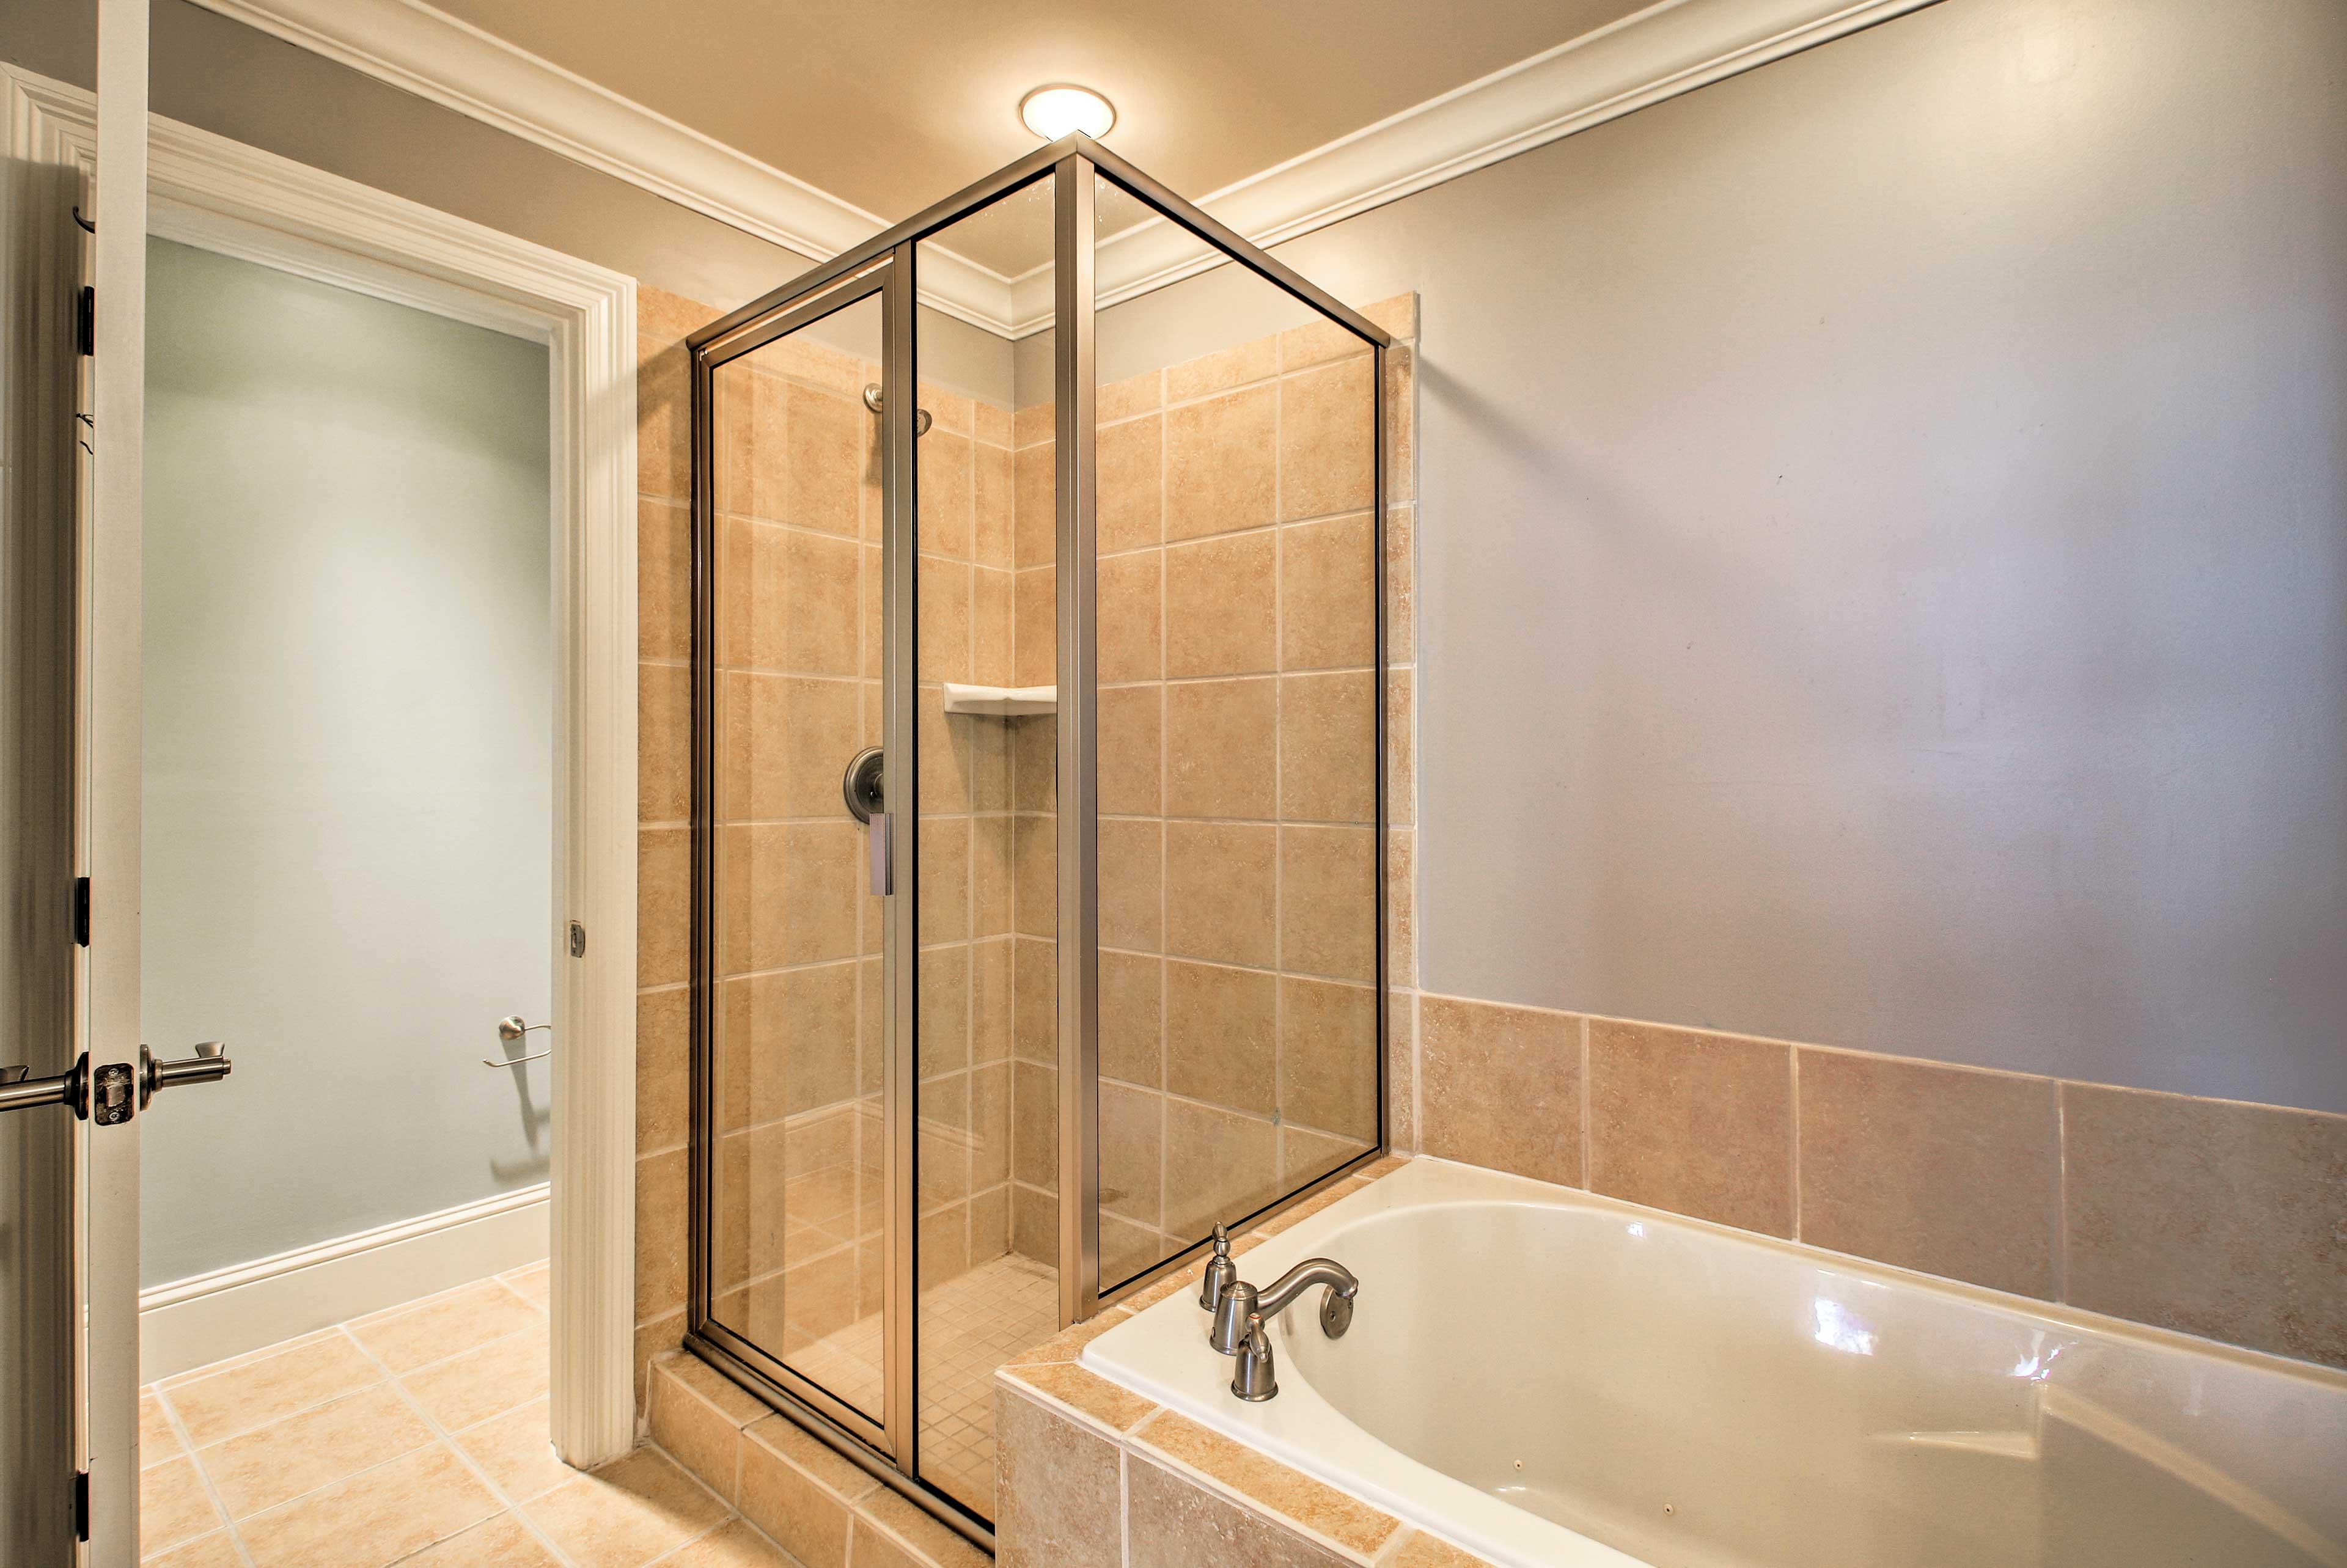 Choose between the walk-in shower or bathtub.